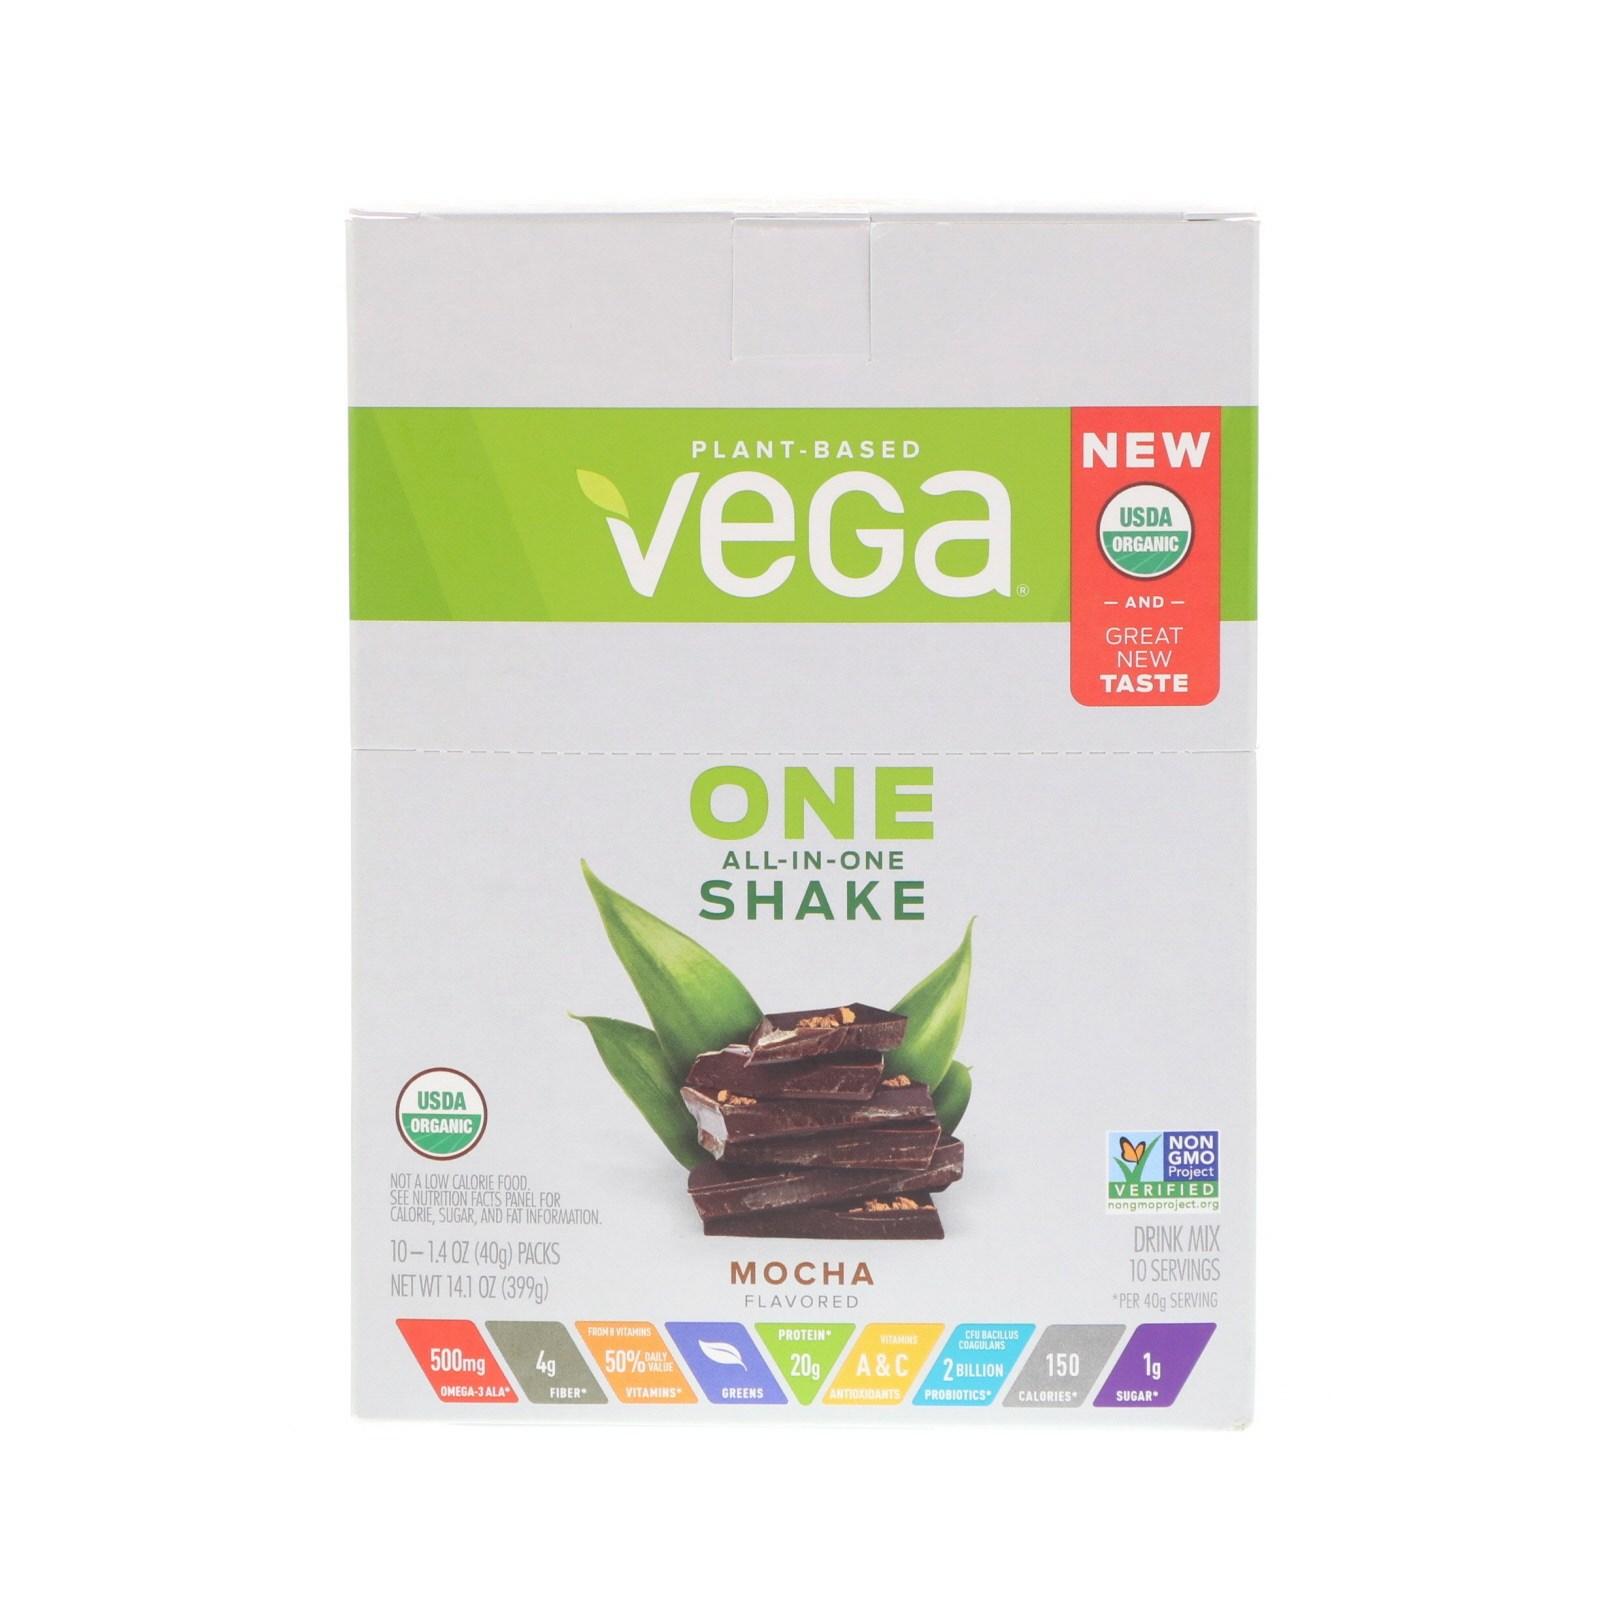 베가 One 올 인 원 셰이크 모카 10 패킷 각 40g 식물성 단백질, 1개, -